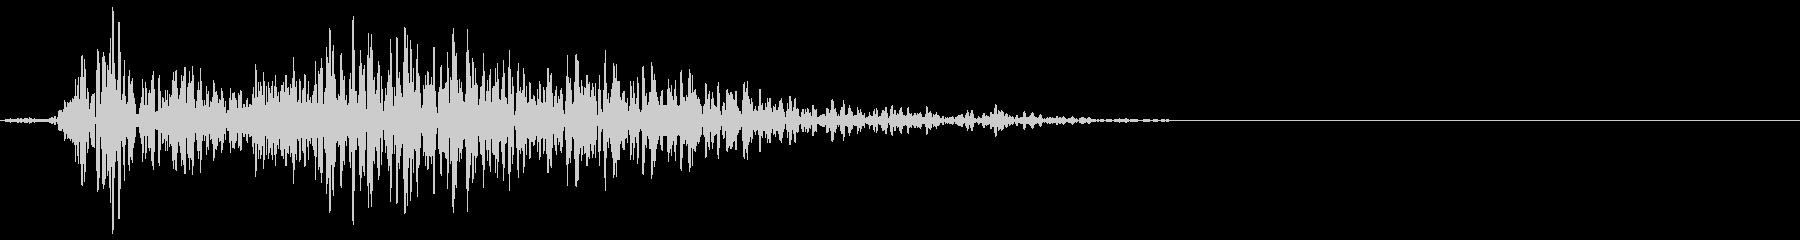 ゲーム掛け声ゾンビ1アウー3の未再生の波形